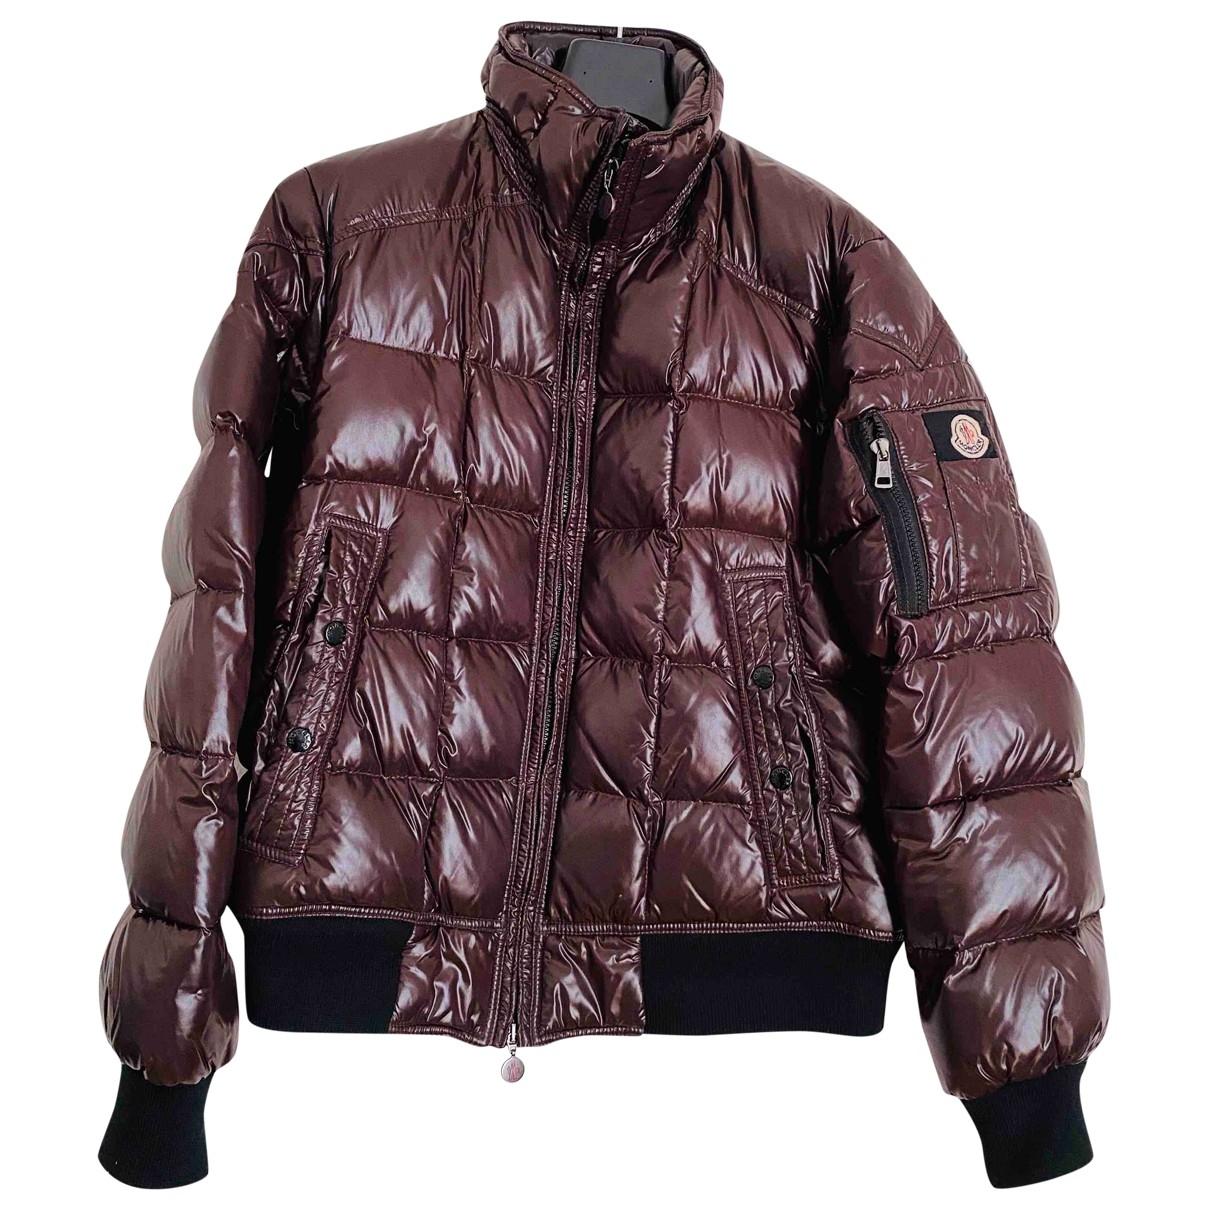 Moncler - Manteau   pour homme - marron